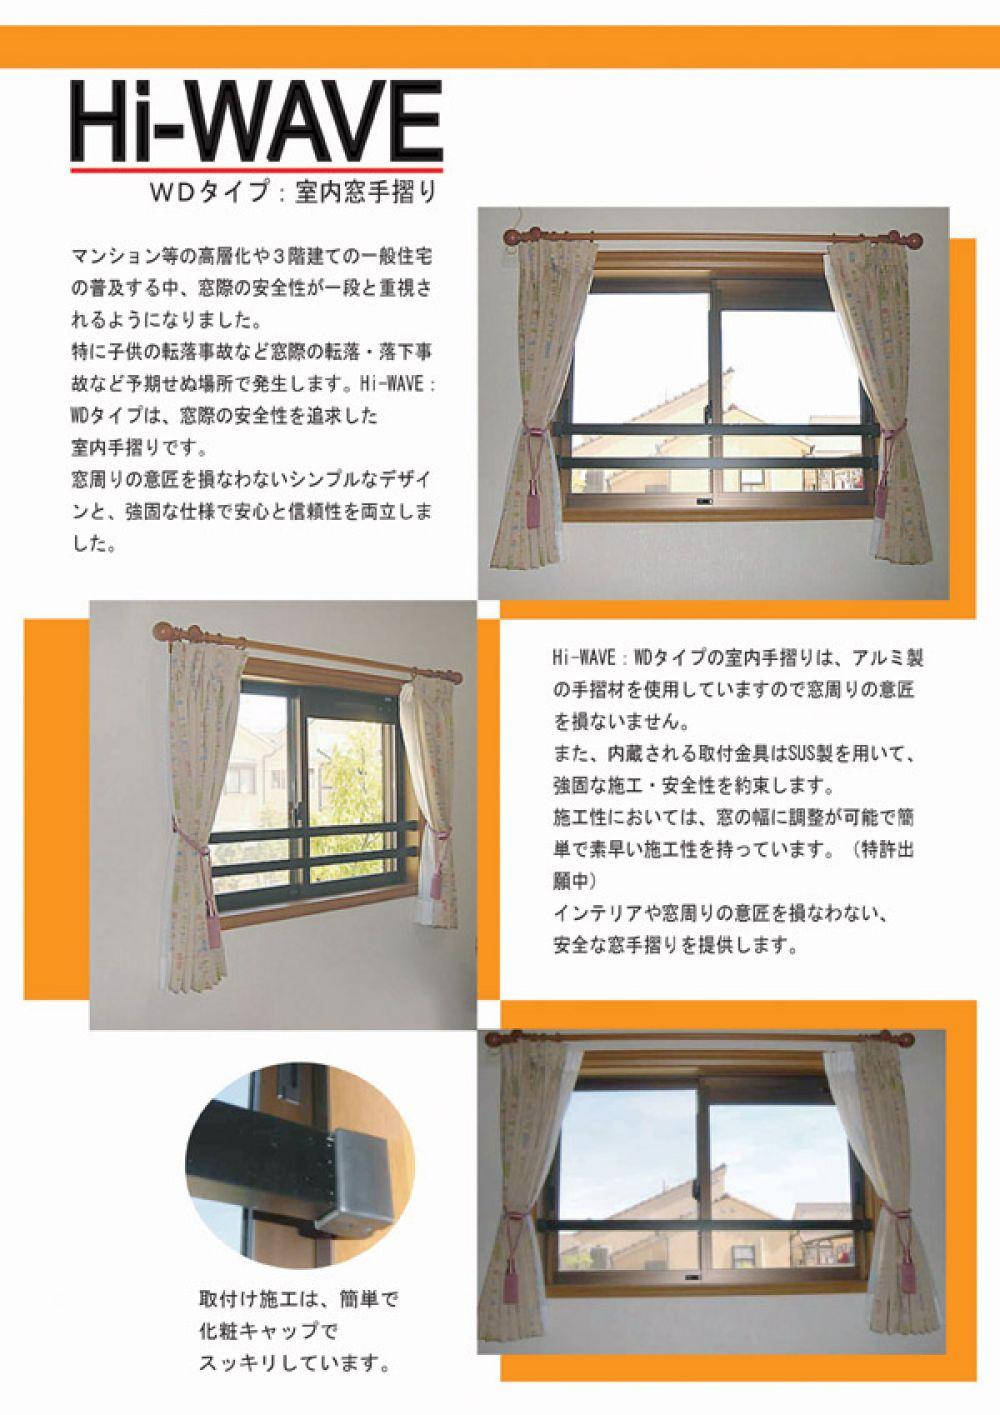 窓の内側の転落防止棒の増設についてリフォームのことなら家仲間コム